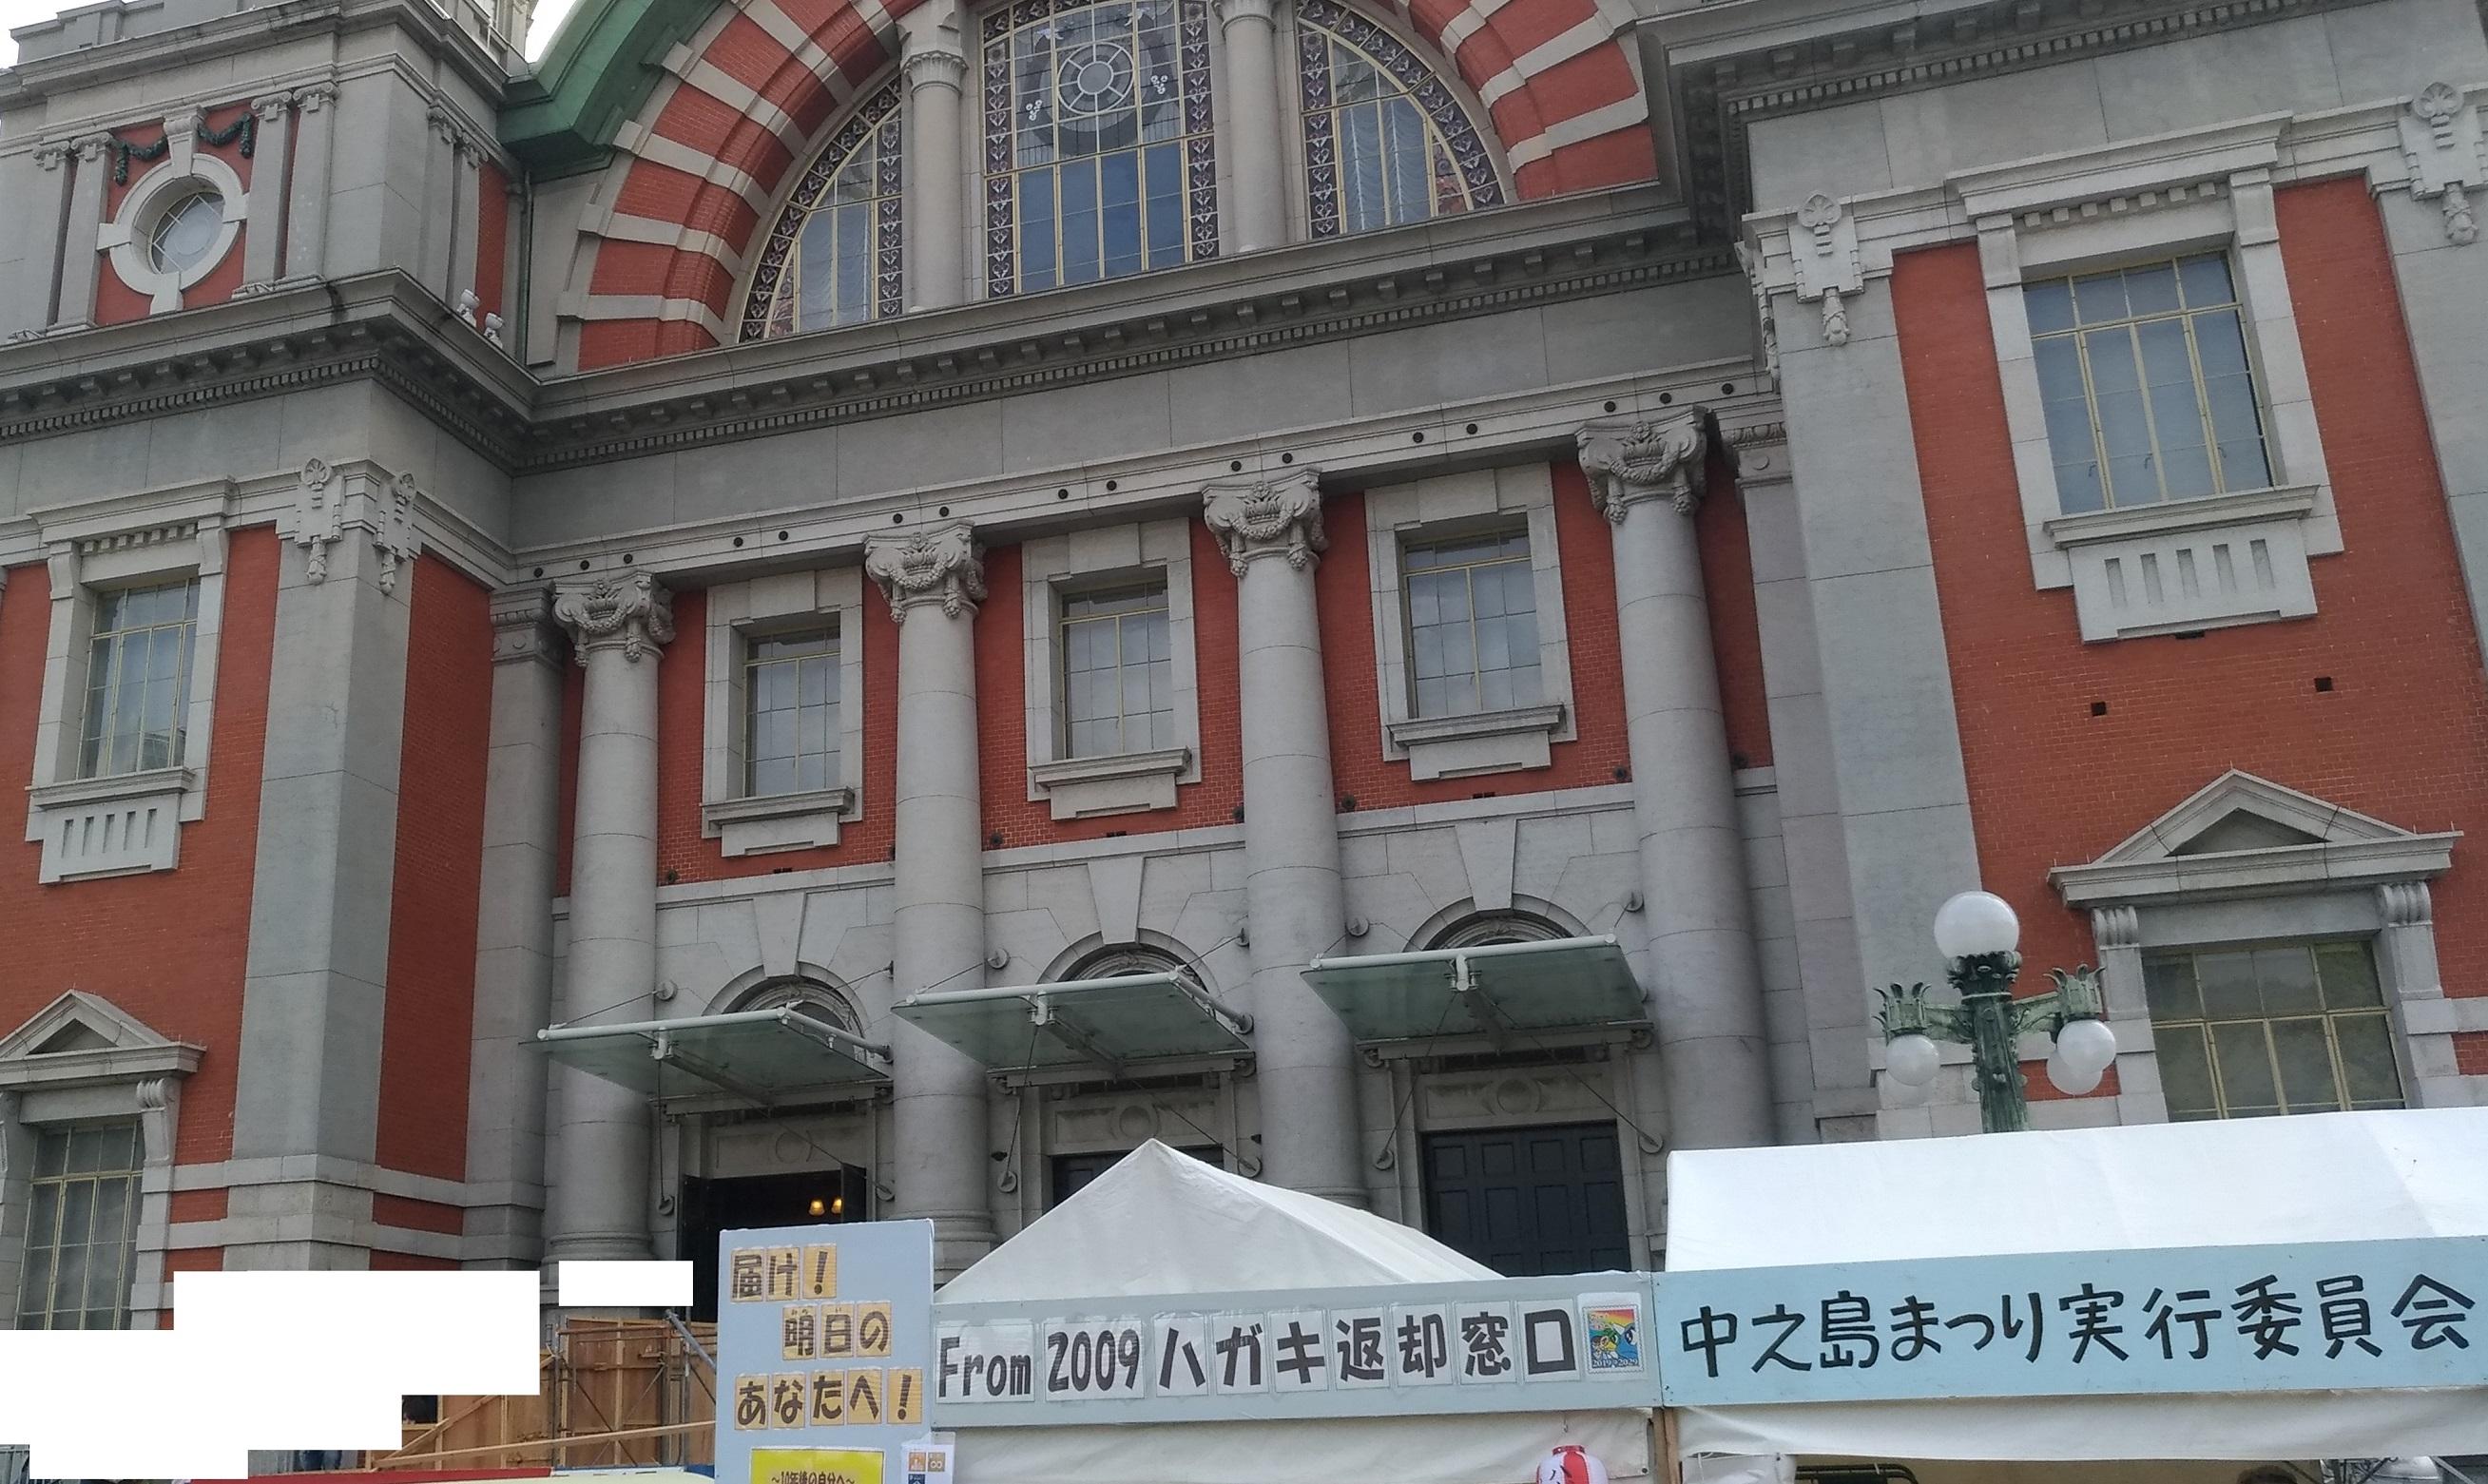 osaka_nakanoshima_matsuri201905_4.jpg